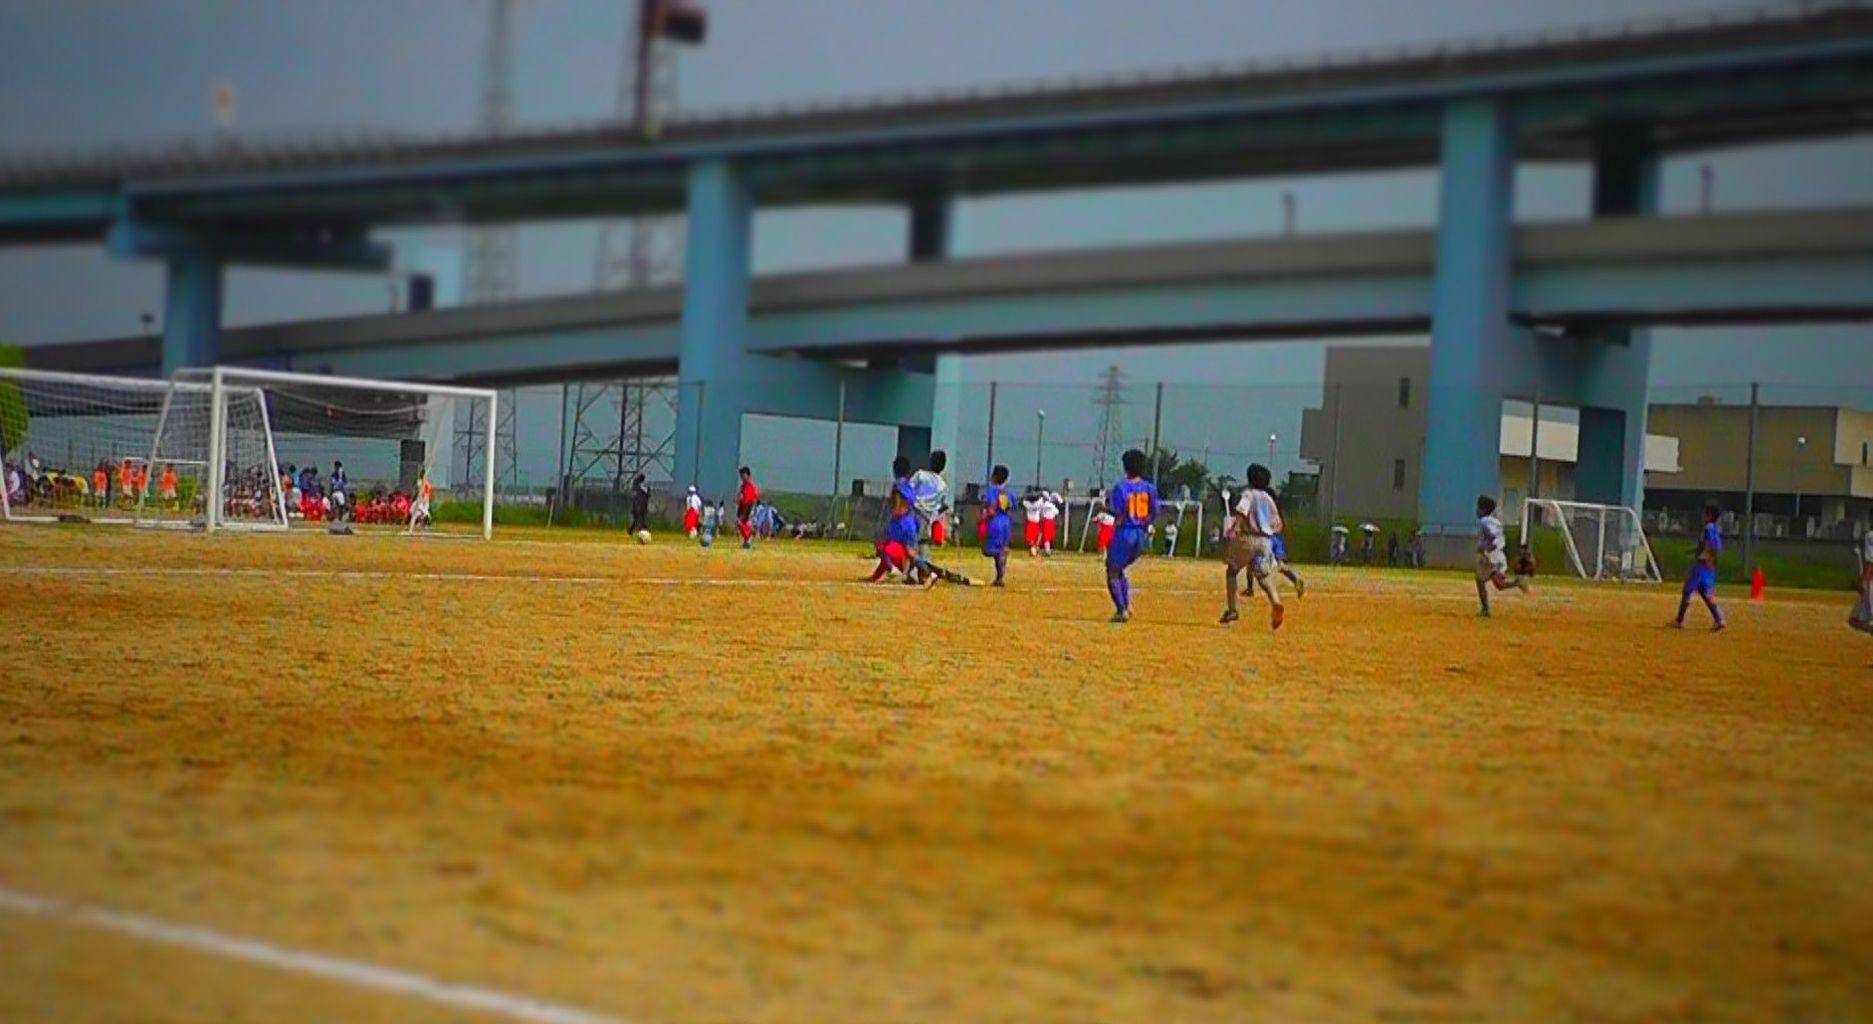 35th Anniversary CUP (\u003d゚ω゚)人(゚ω゚\u003d)ぃょぅ!